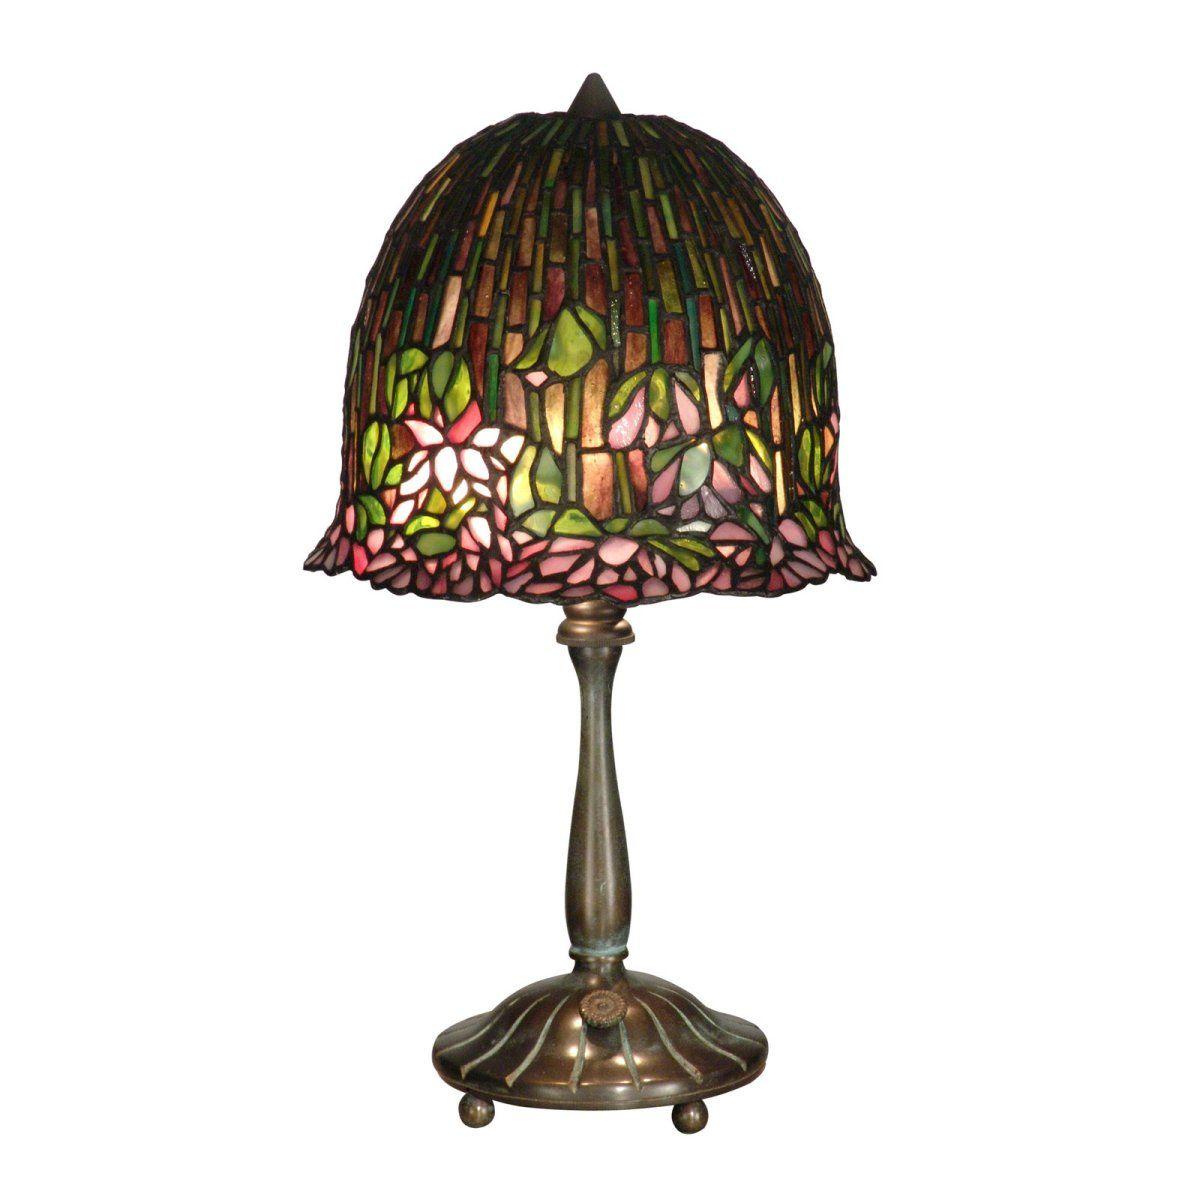 Dale Tiffany Lotus Flower Table Lamp Lampade Tiffany Lampade Tiffany